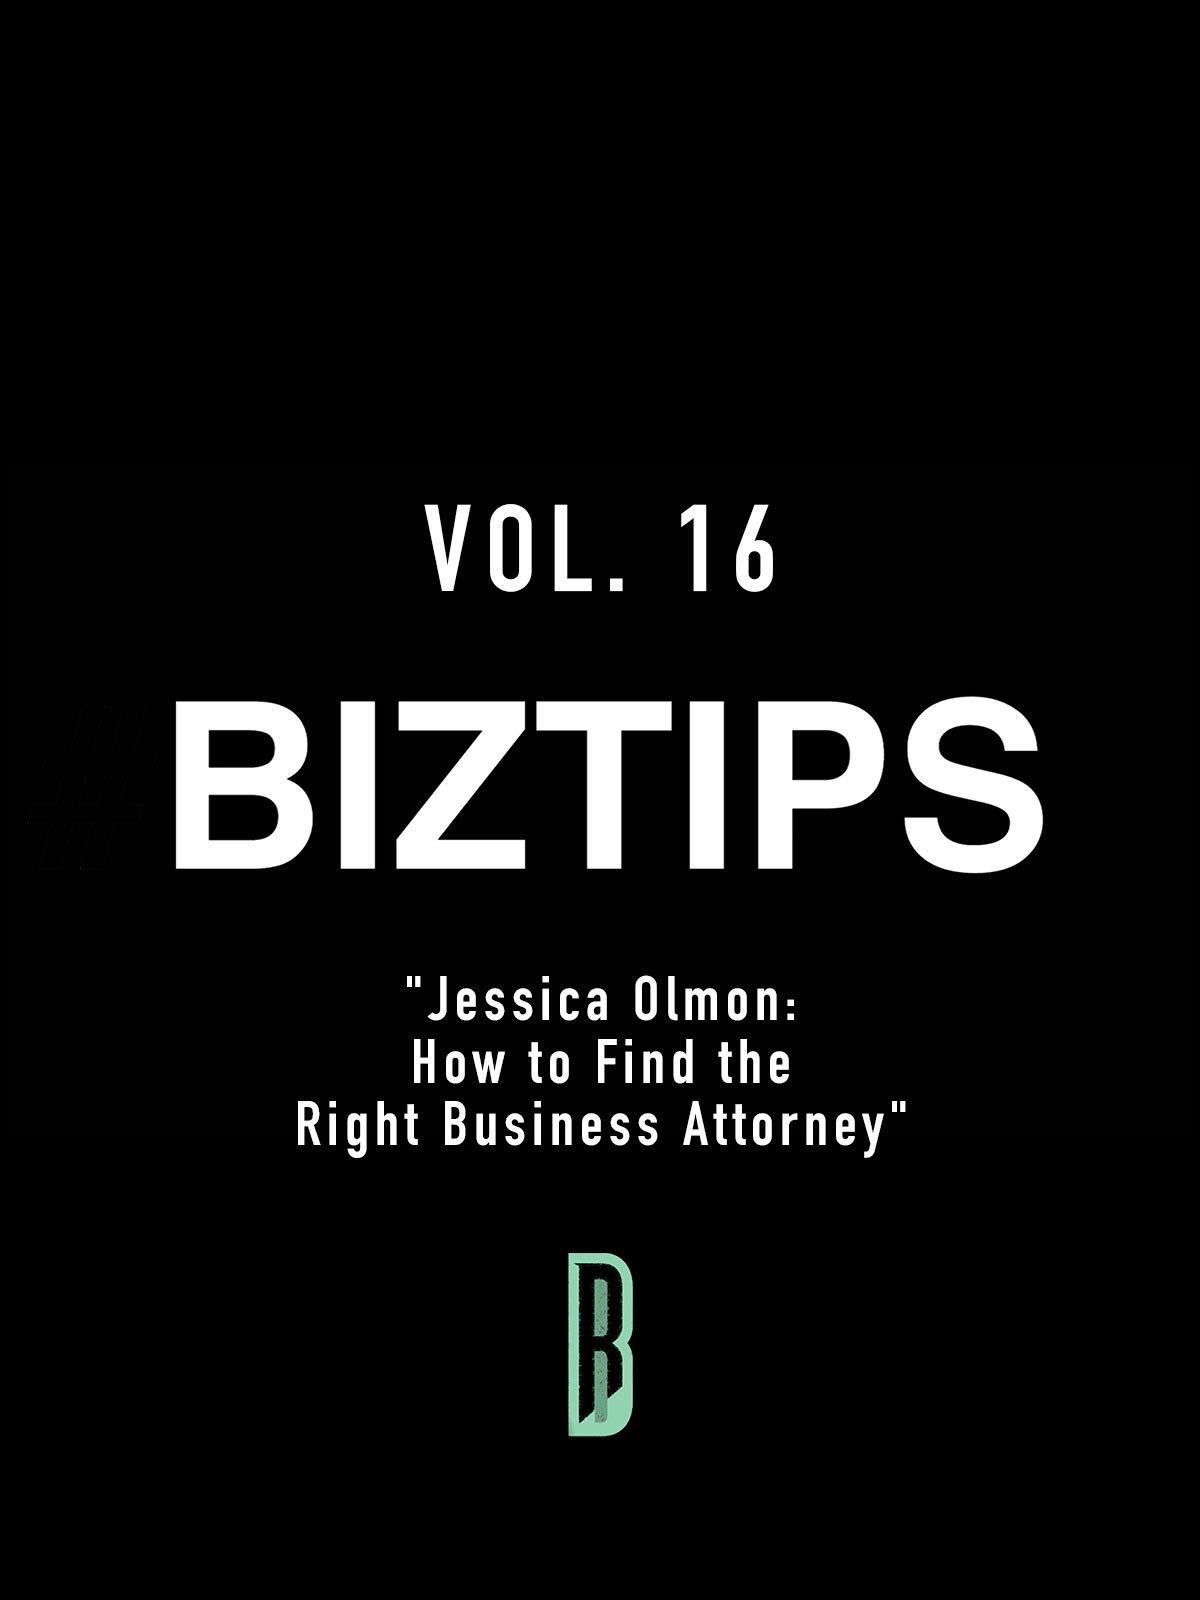 BizTips Vol. 16